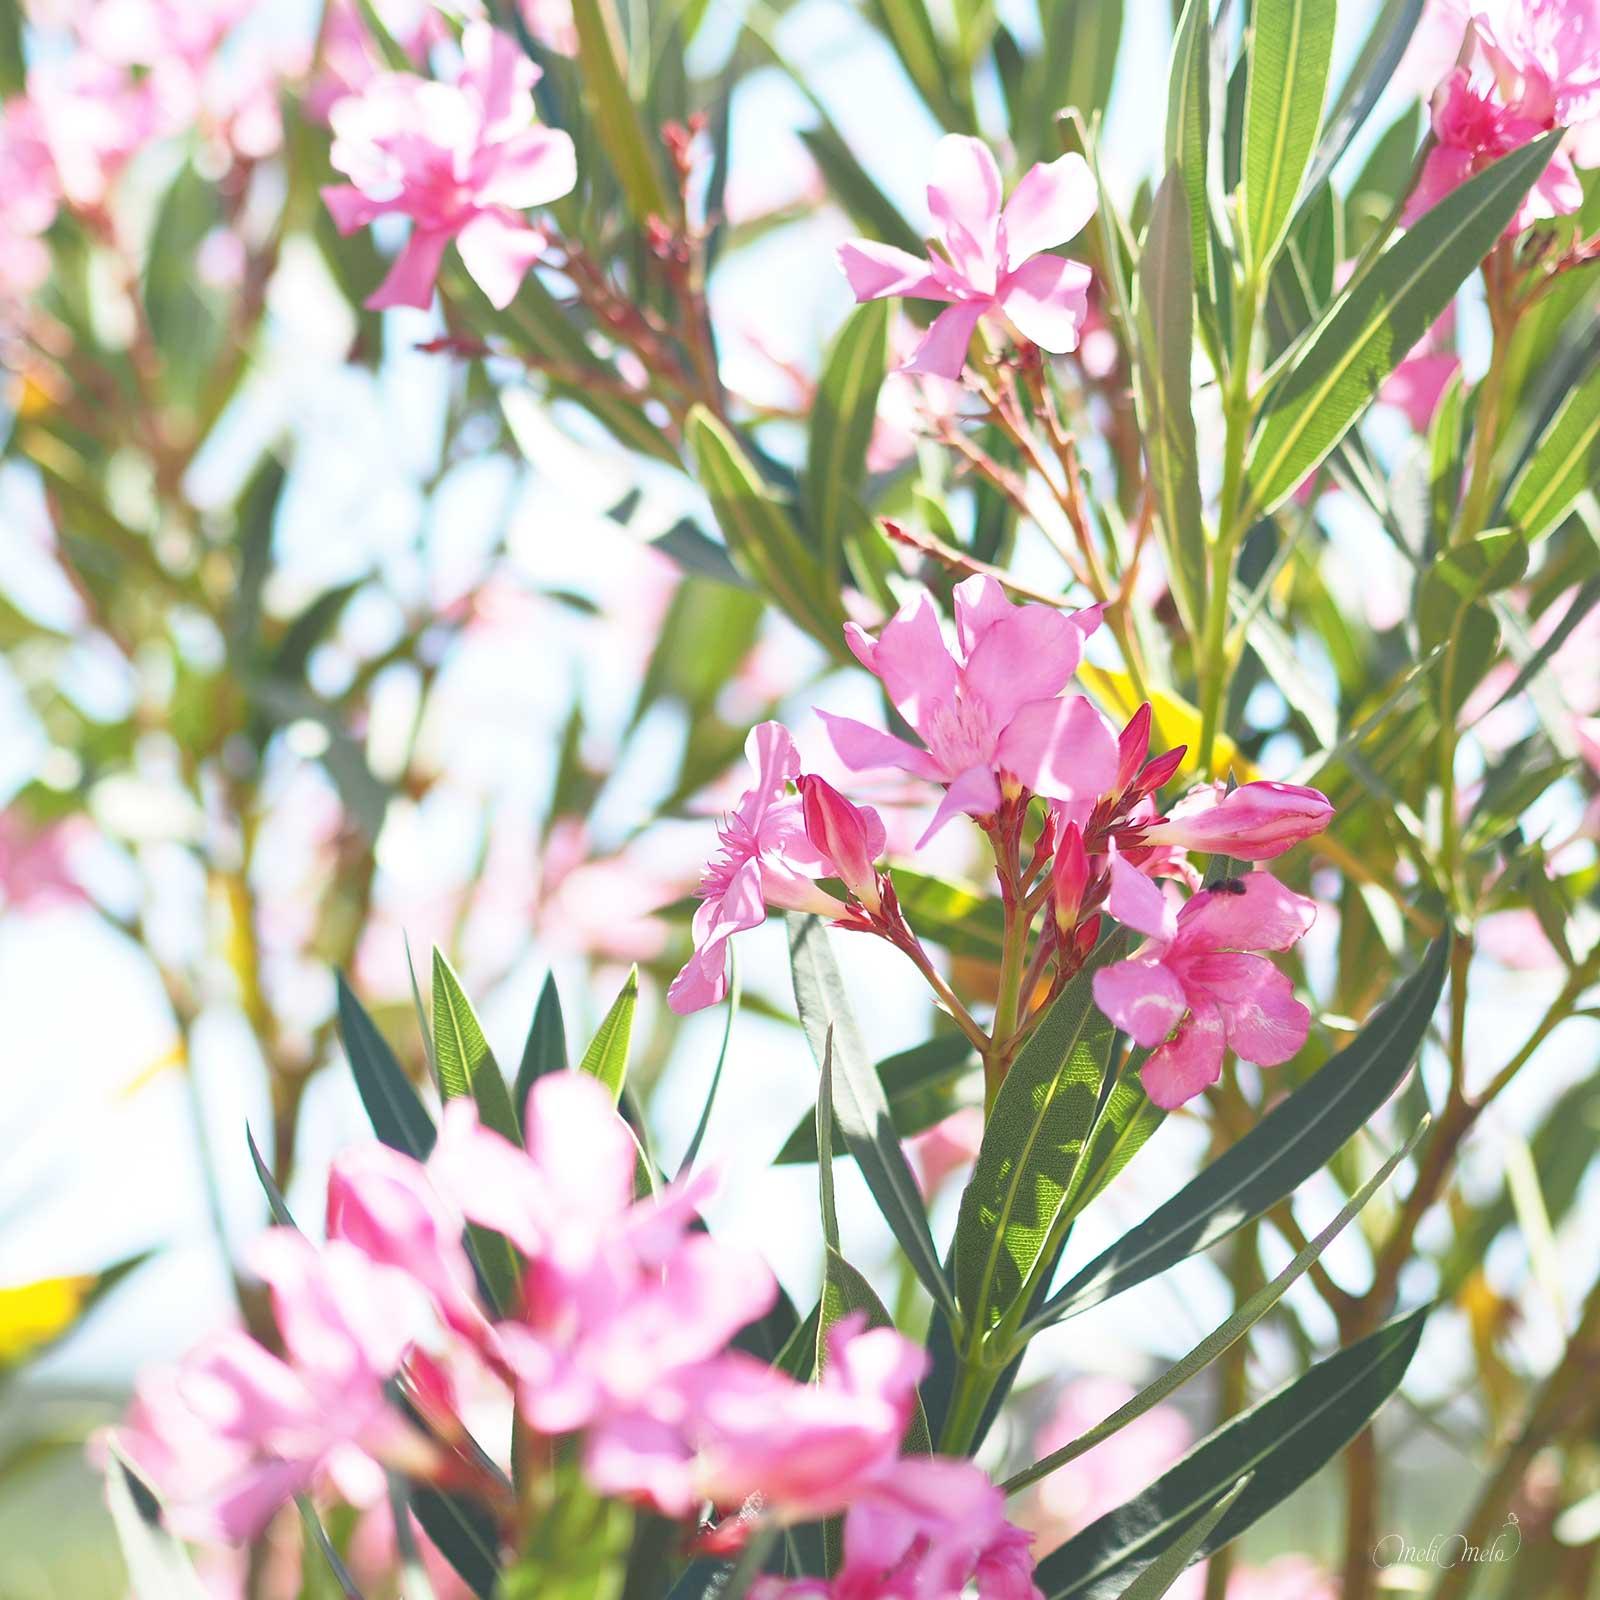 laurier-rose-jardin-laboutiquedemelimelo